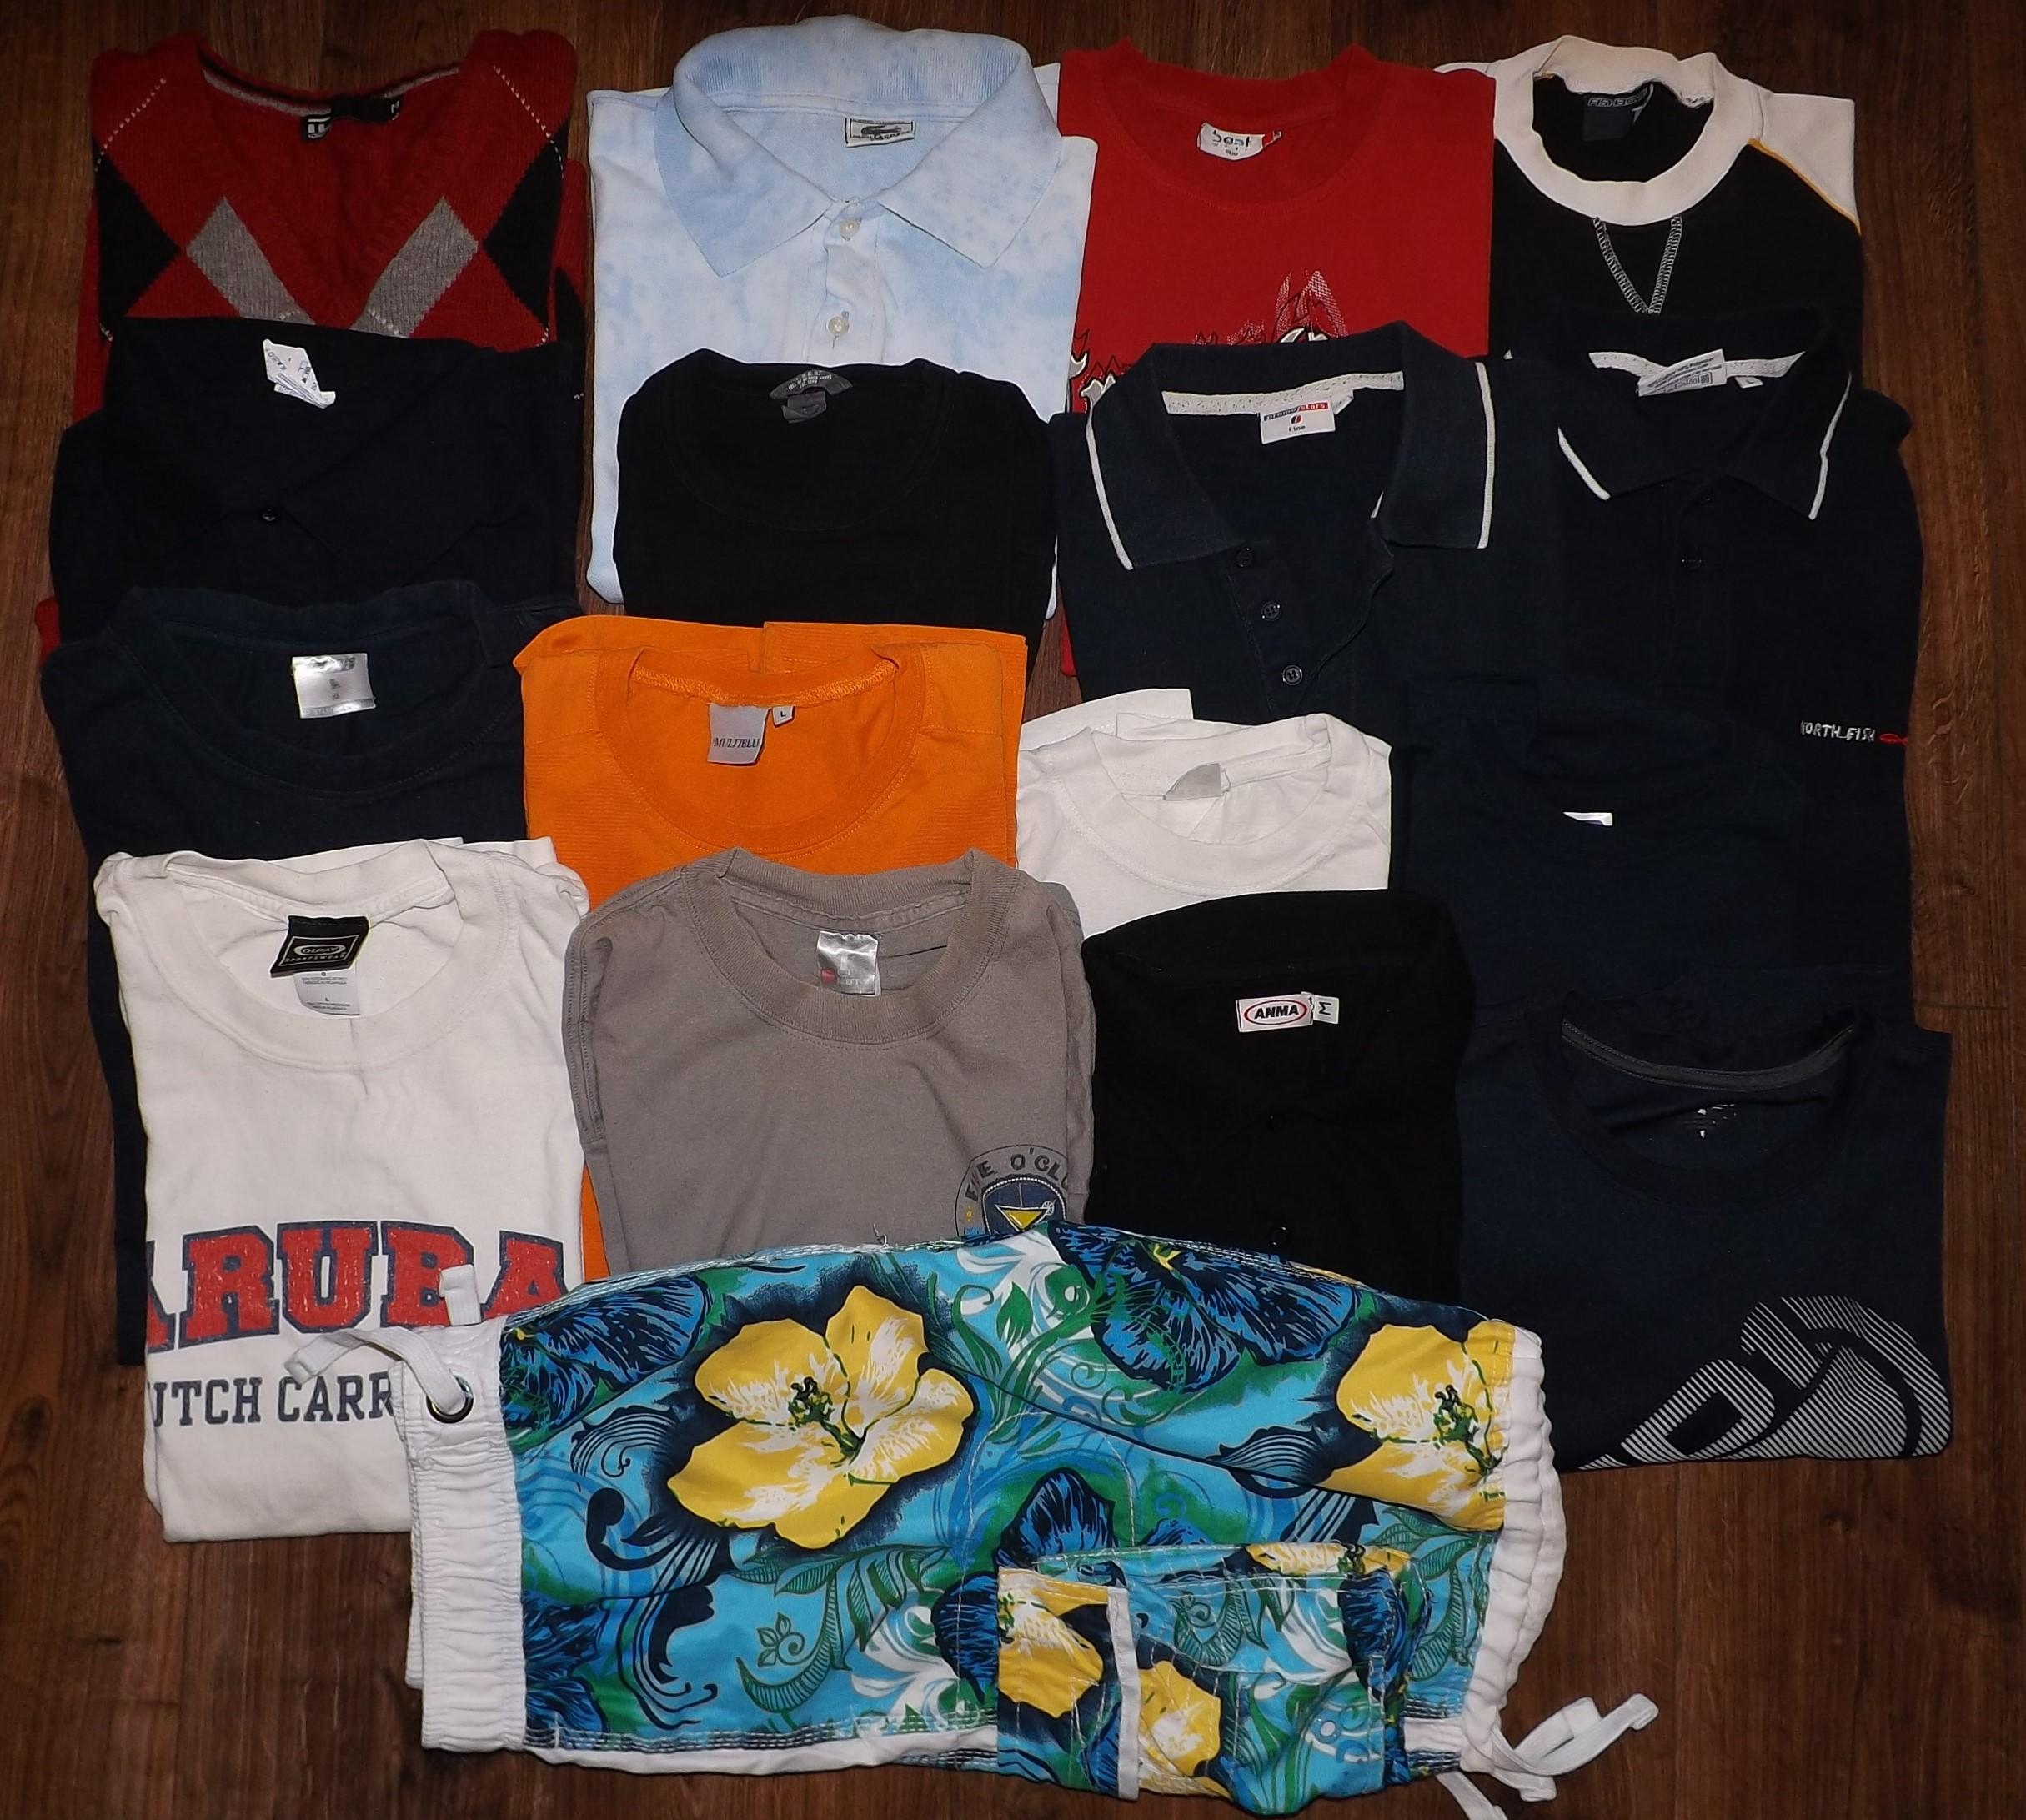 Zestaw ubrań - Lacoste / H&M / NBA i inne